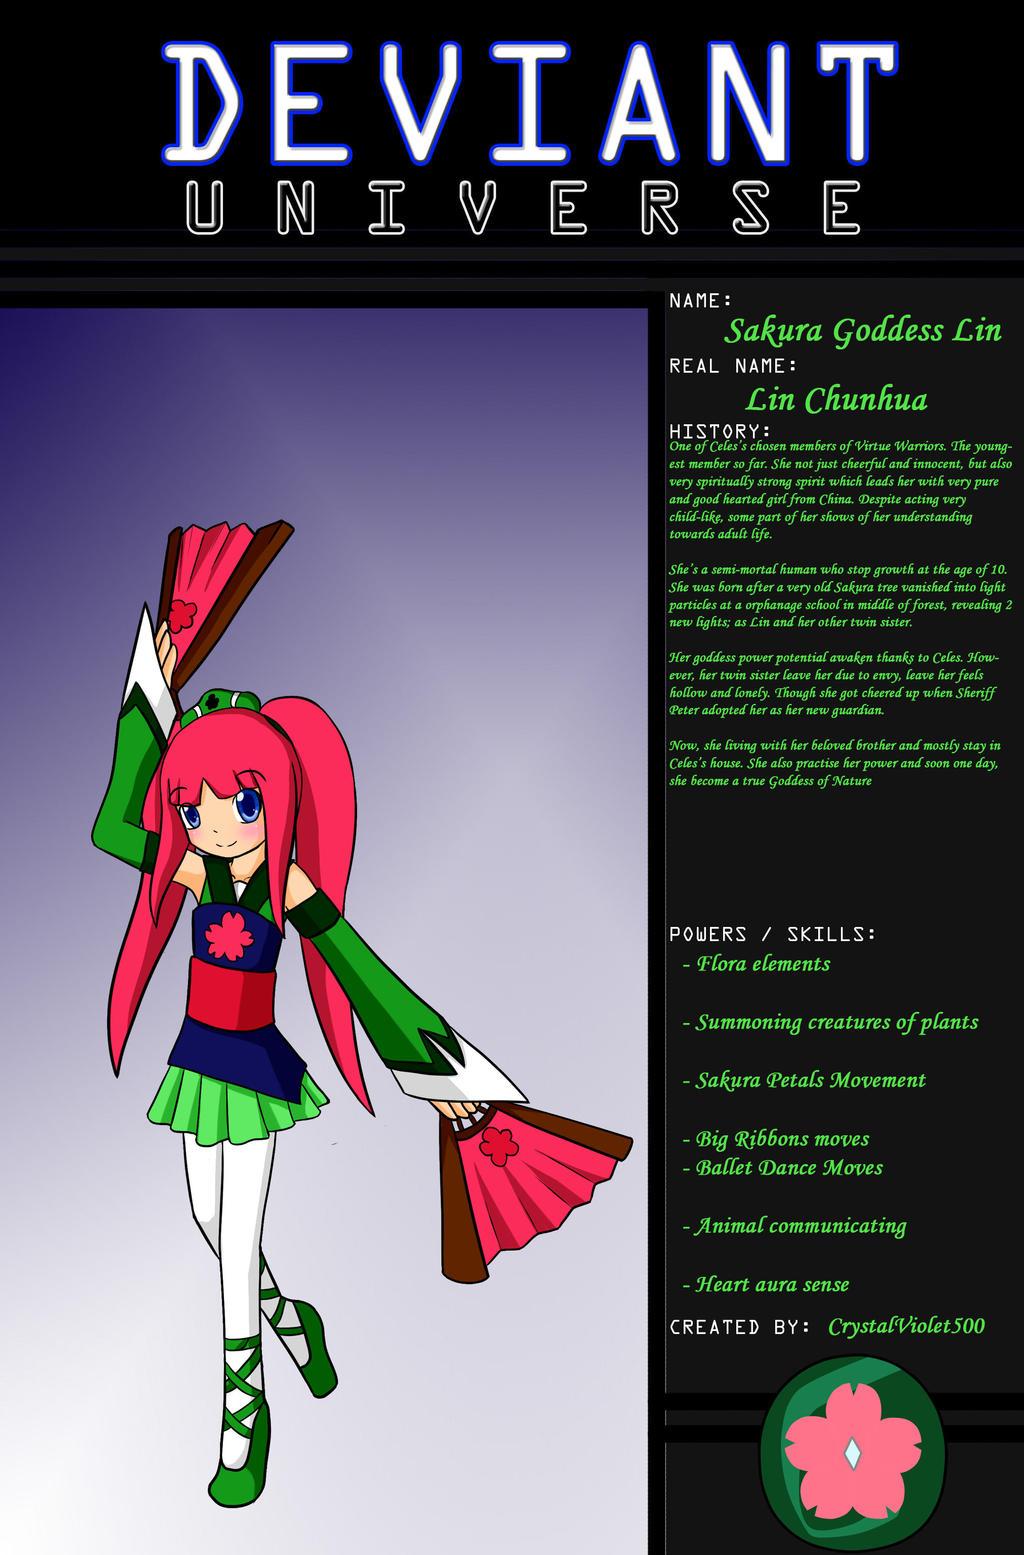 DeviantUniverse - Sakura Goddess Lin by CrystalViolet500